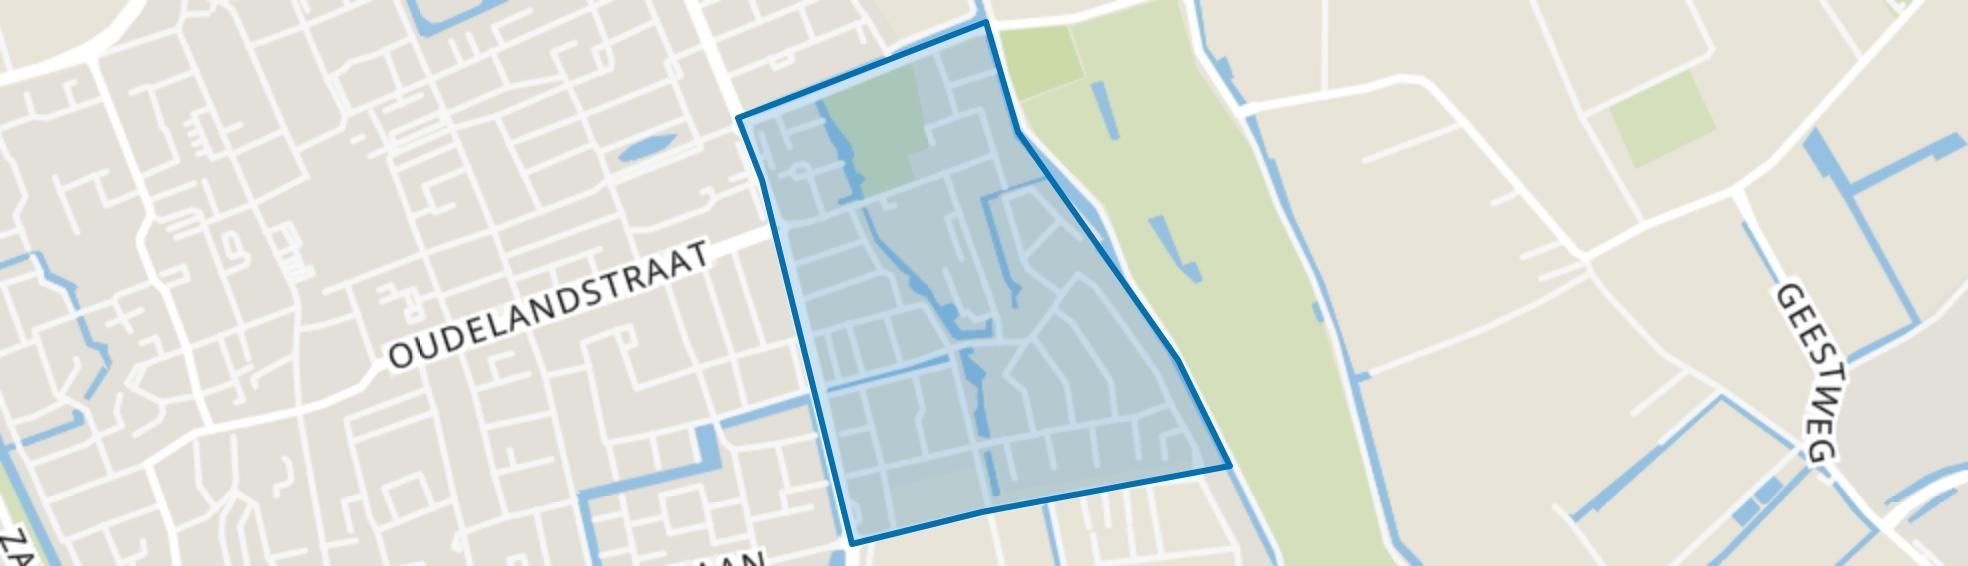 Nieuwe Vaart, 's-Gravenzande map